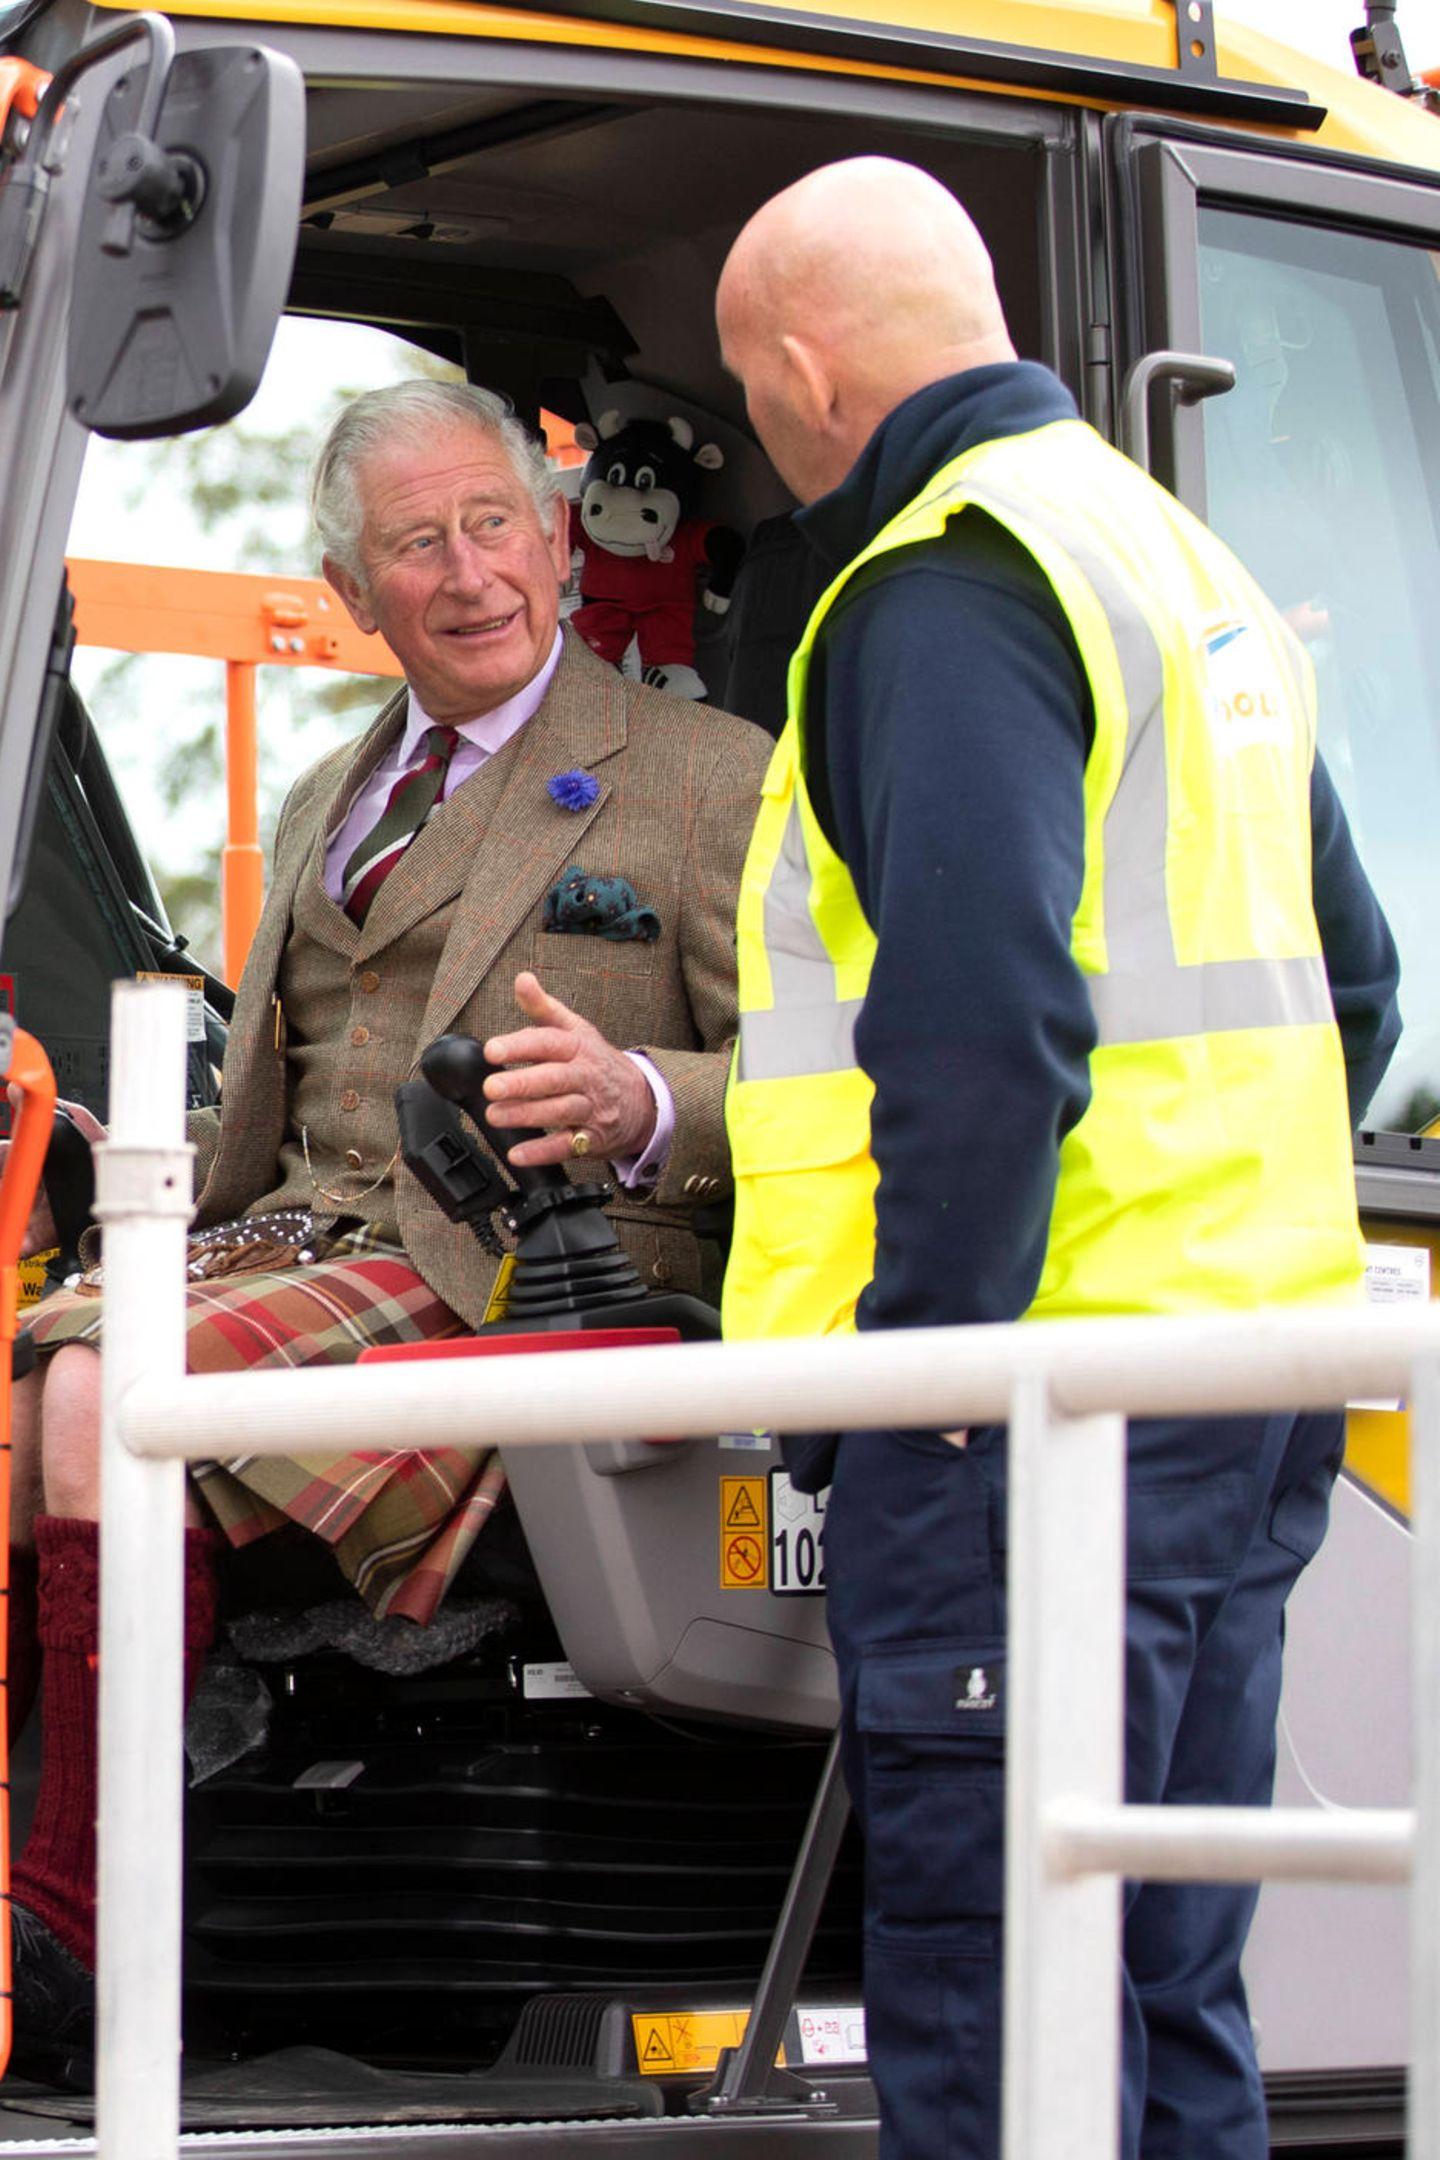 2. Oktober 2019  Prinz Charles und HerzoginCamillasind zu Besuch in Cornwall, und Charles darf dabei zur Eröffnung desneuen Hauptsitzes von W M Donald Limited sogar im Schottenrock Bagger fahren.